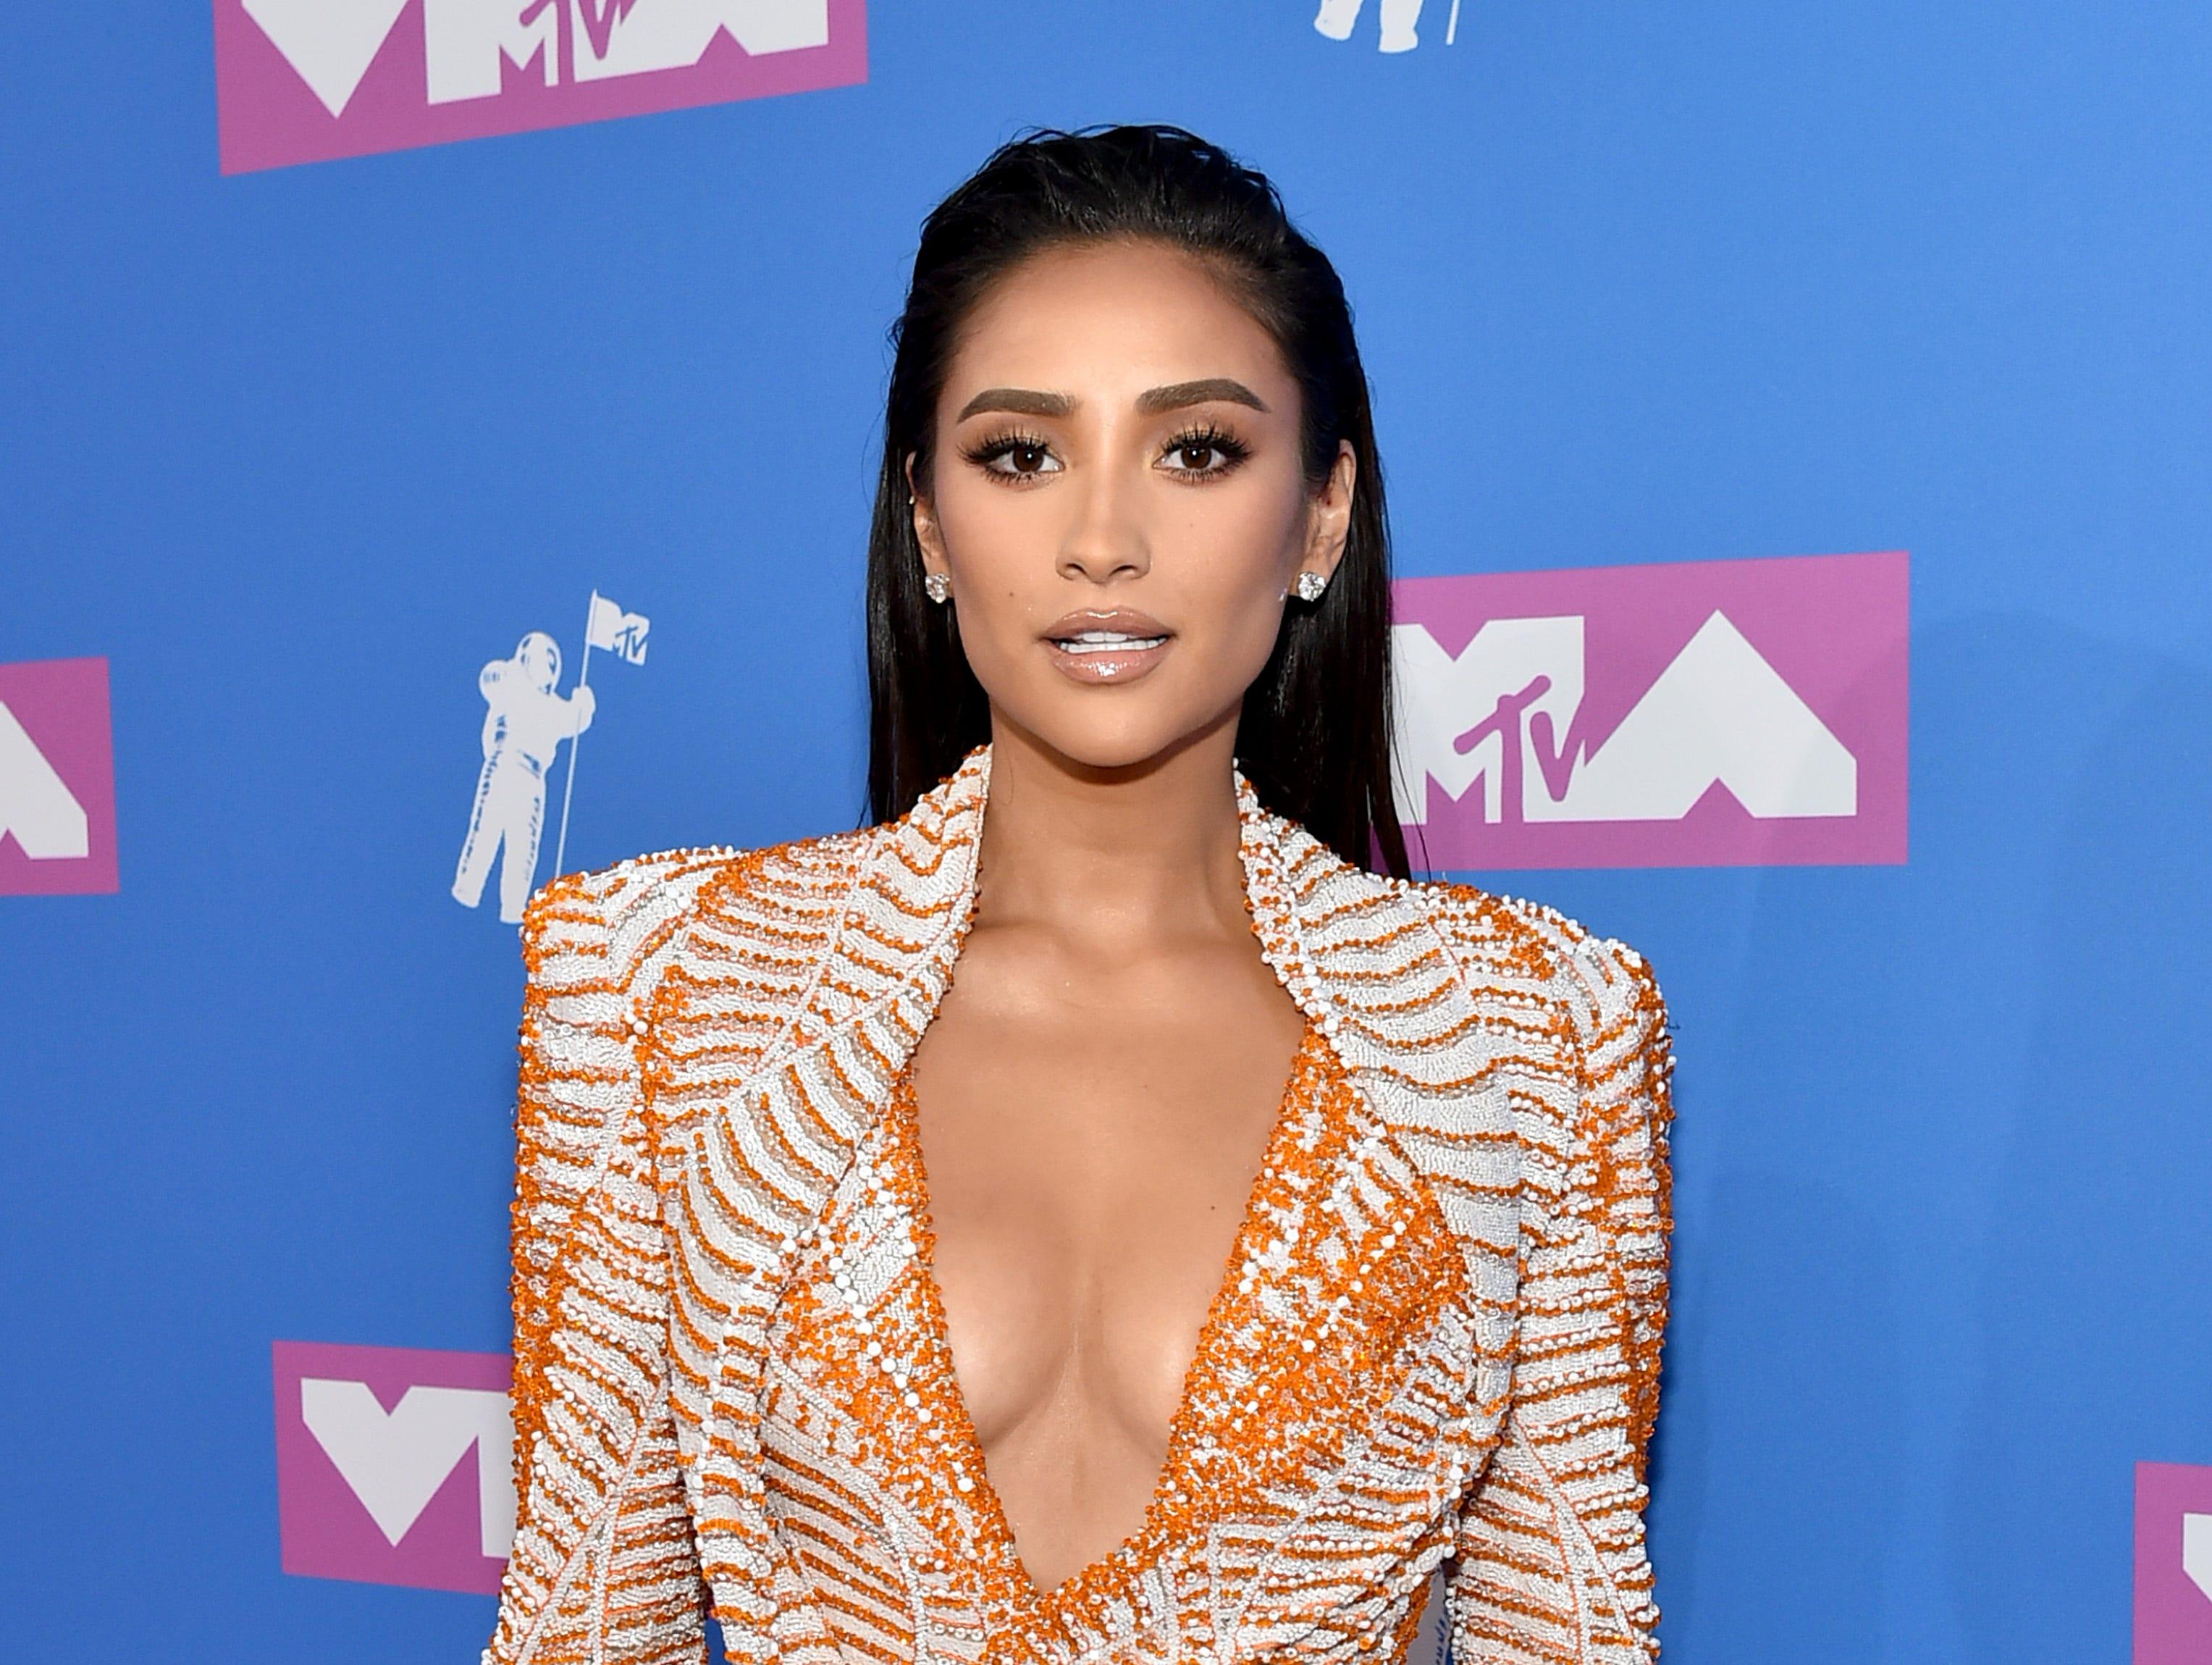 Shay Mitchell asiste a los MTV Video Music Awards 2018 en el Radio City Music Hall el 20 de agosto de 2018 en la ciudad de Nueva York.